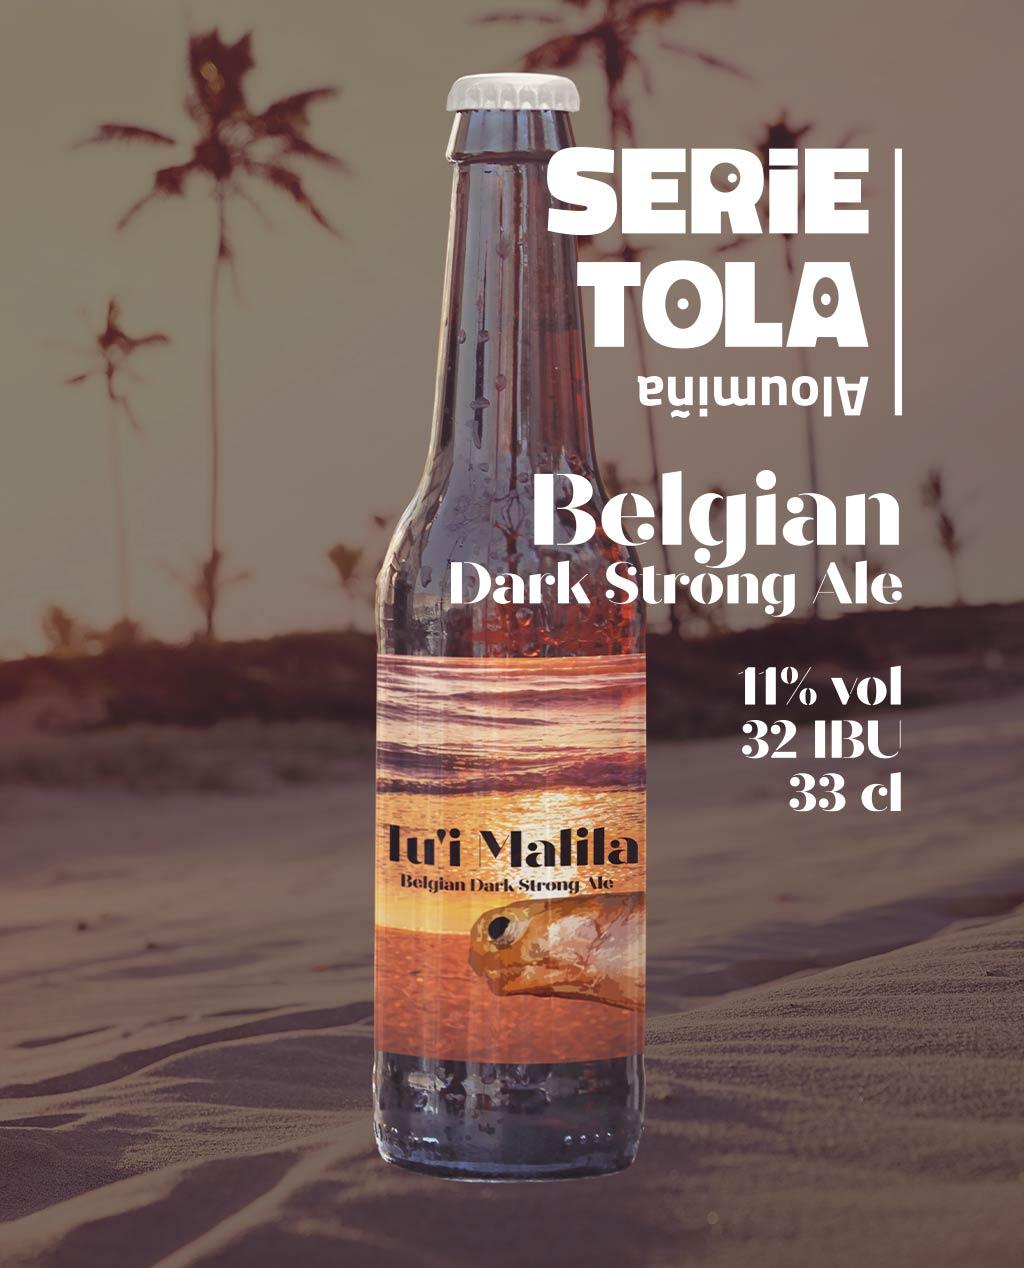 aloumina-cervexa-artesana-craft-beer-caja-variada-serietola-frikisatope-TuiMalila-1024×1268-000